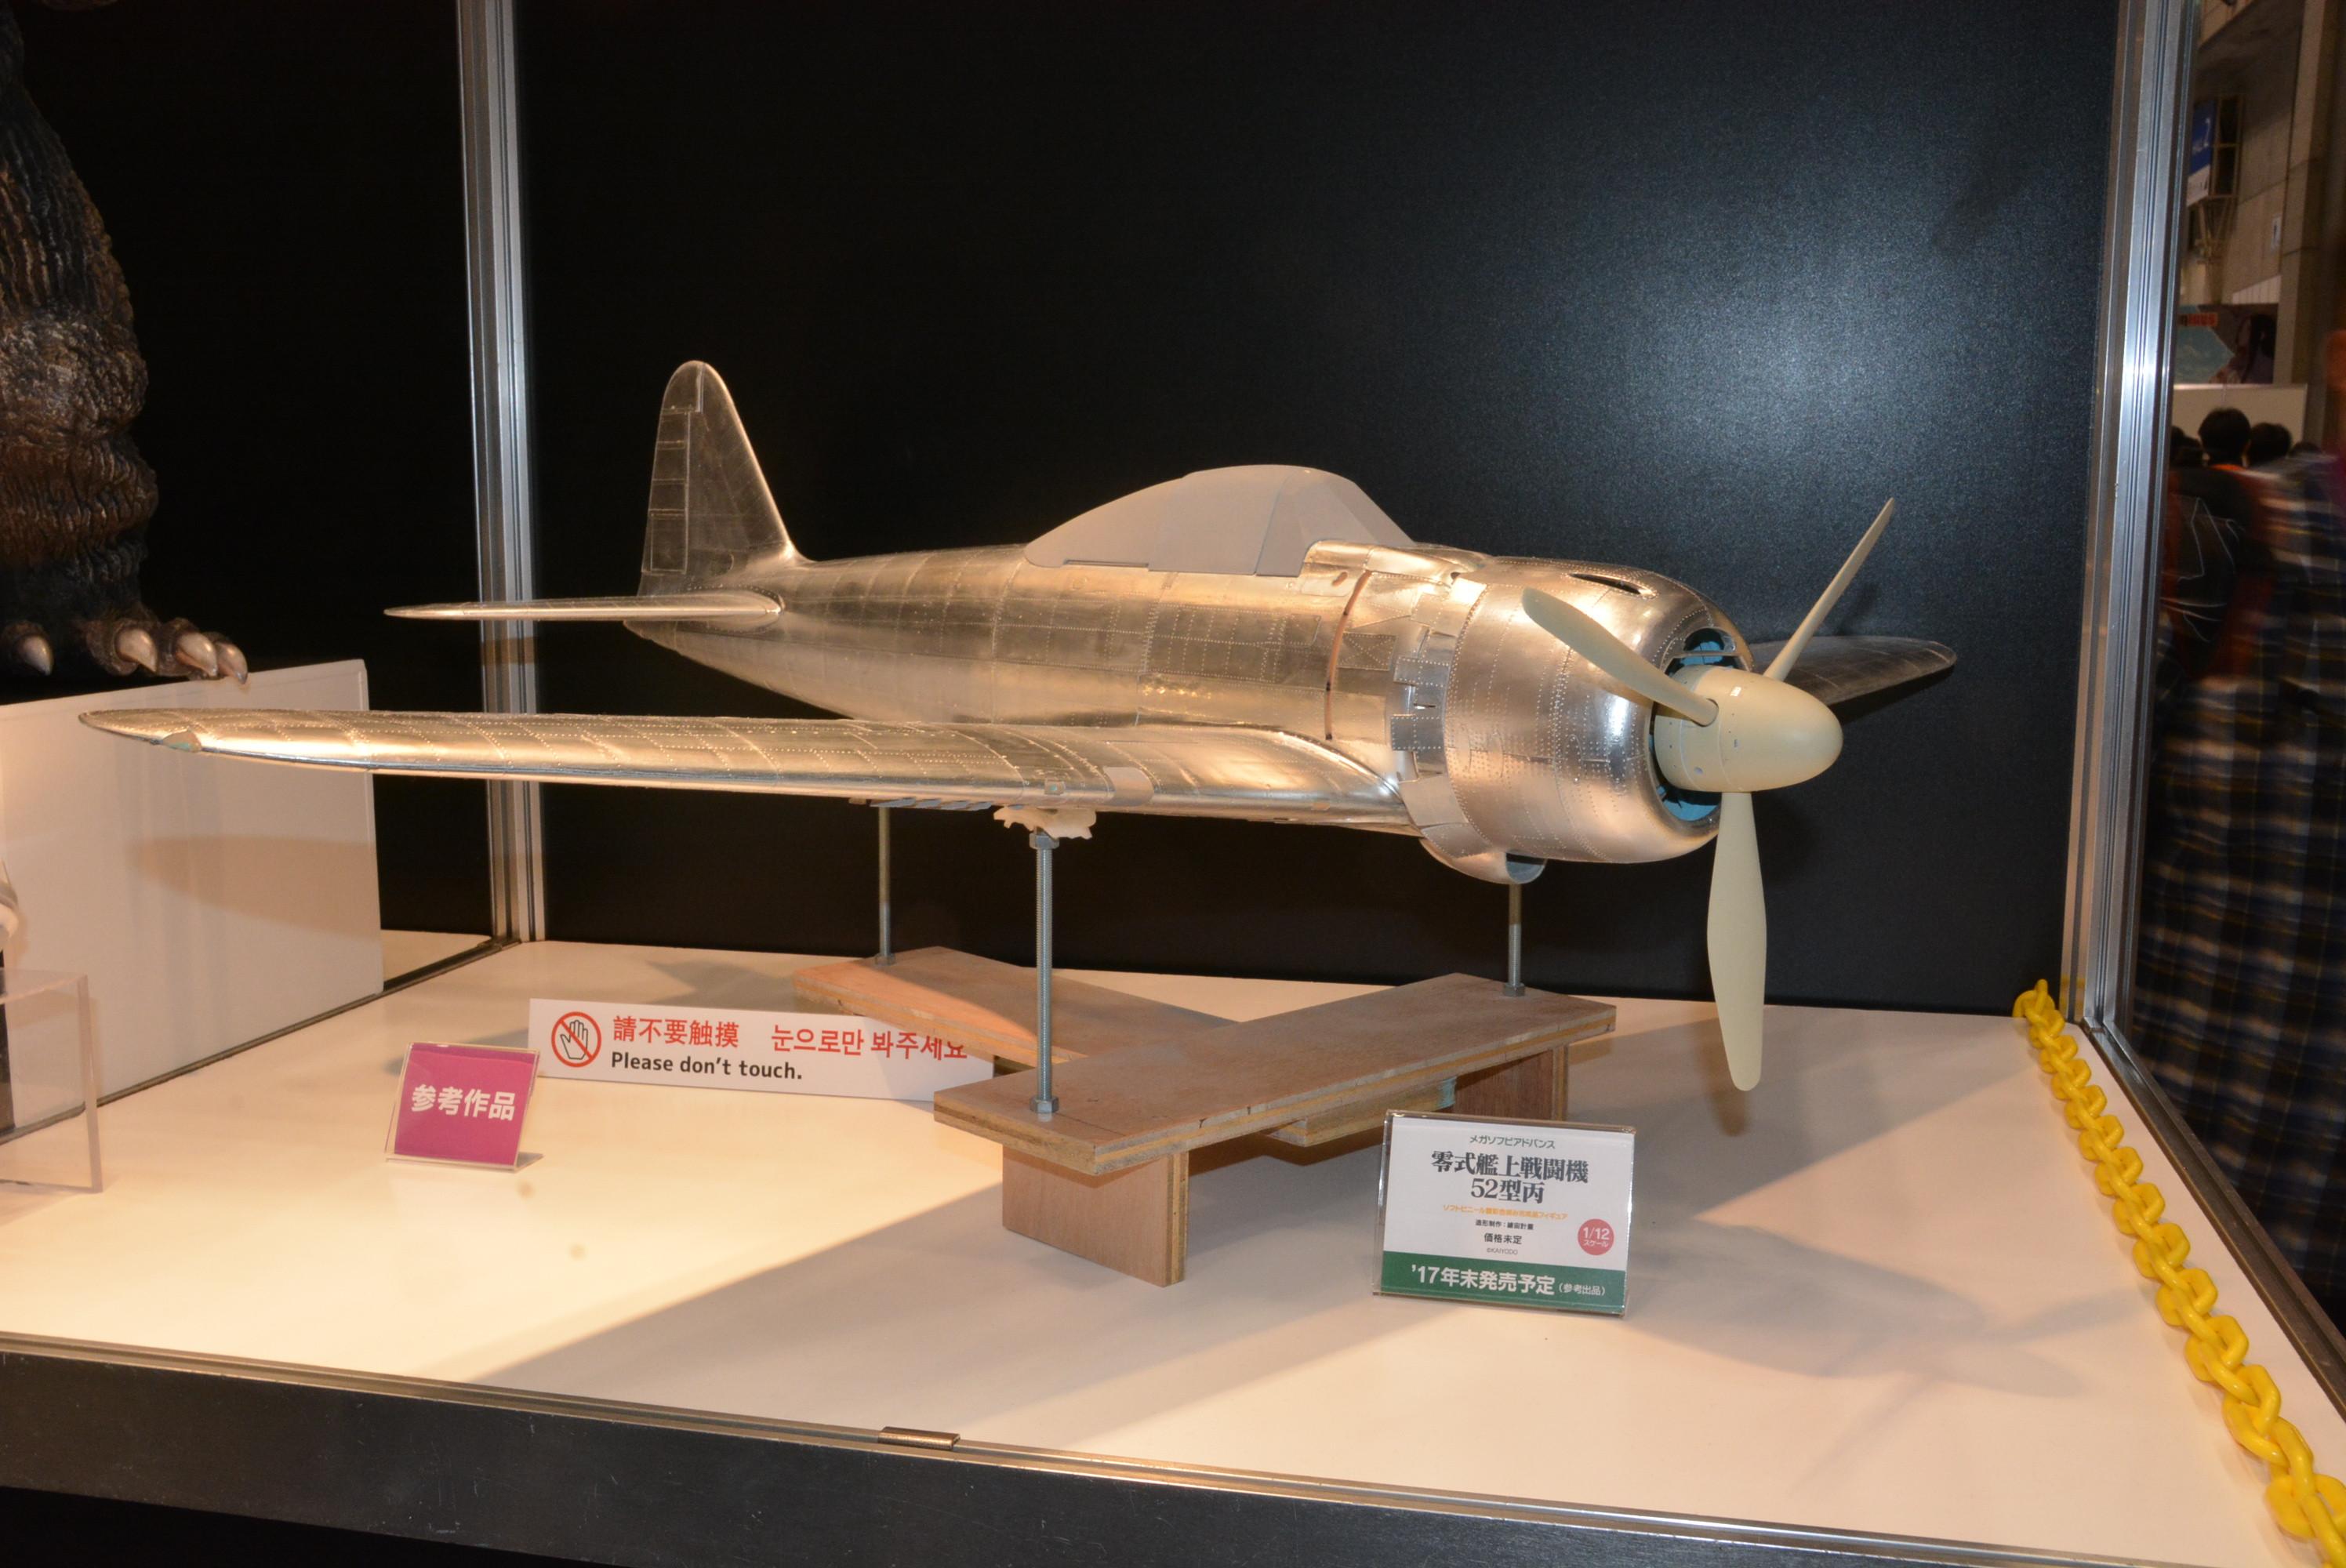 「零式艦上戦闘機52型丙」、年末発売予定、価格未定